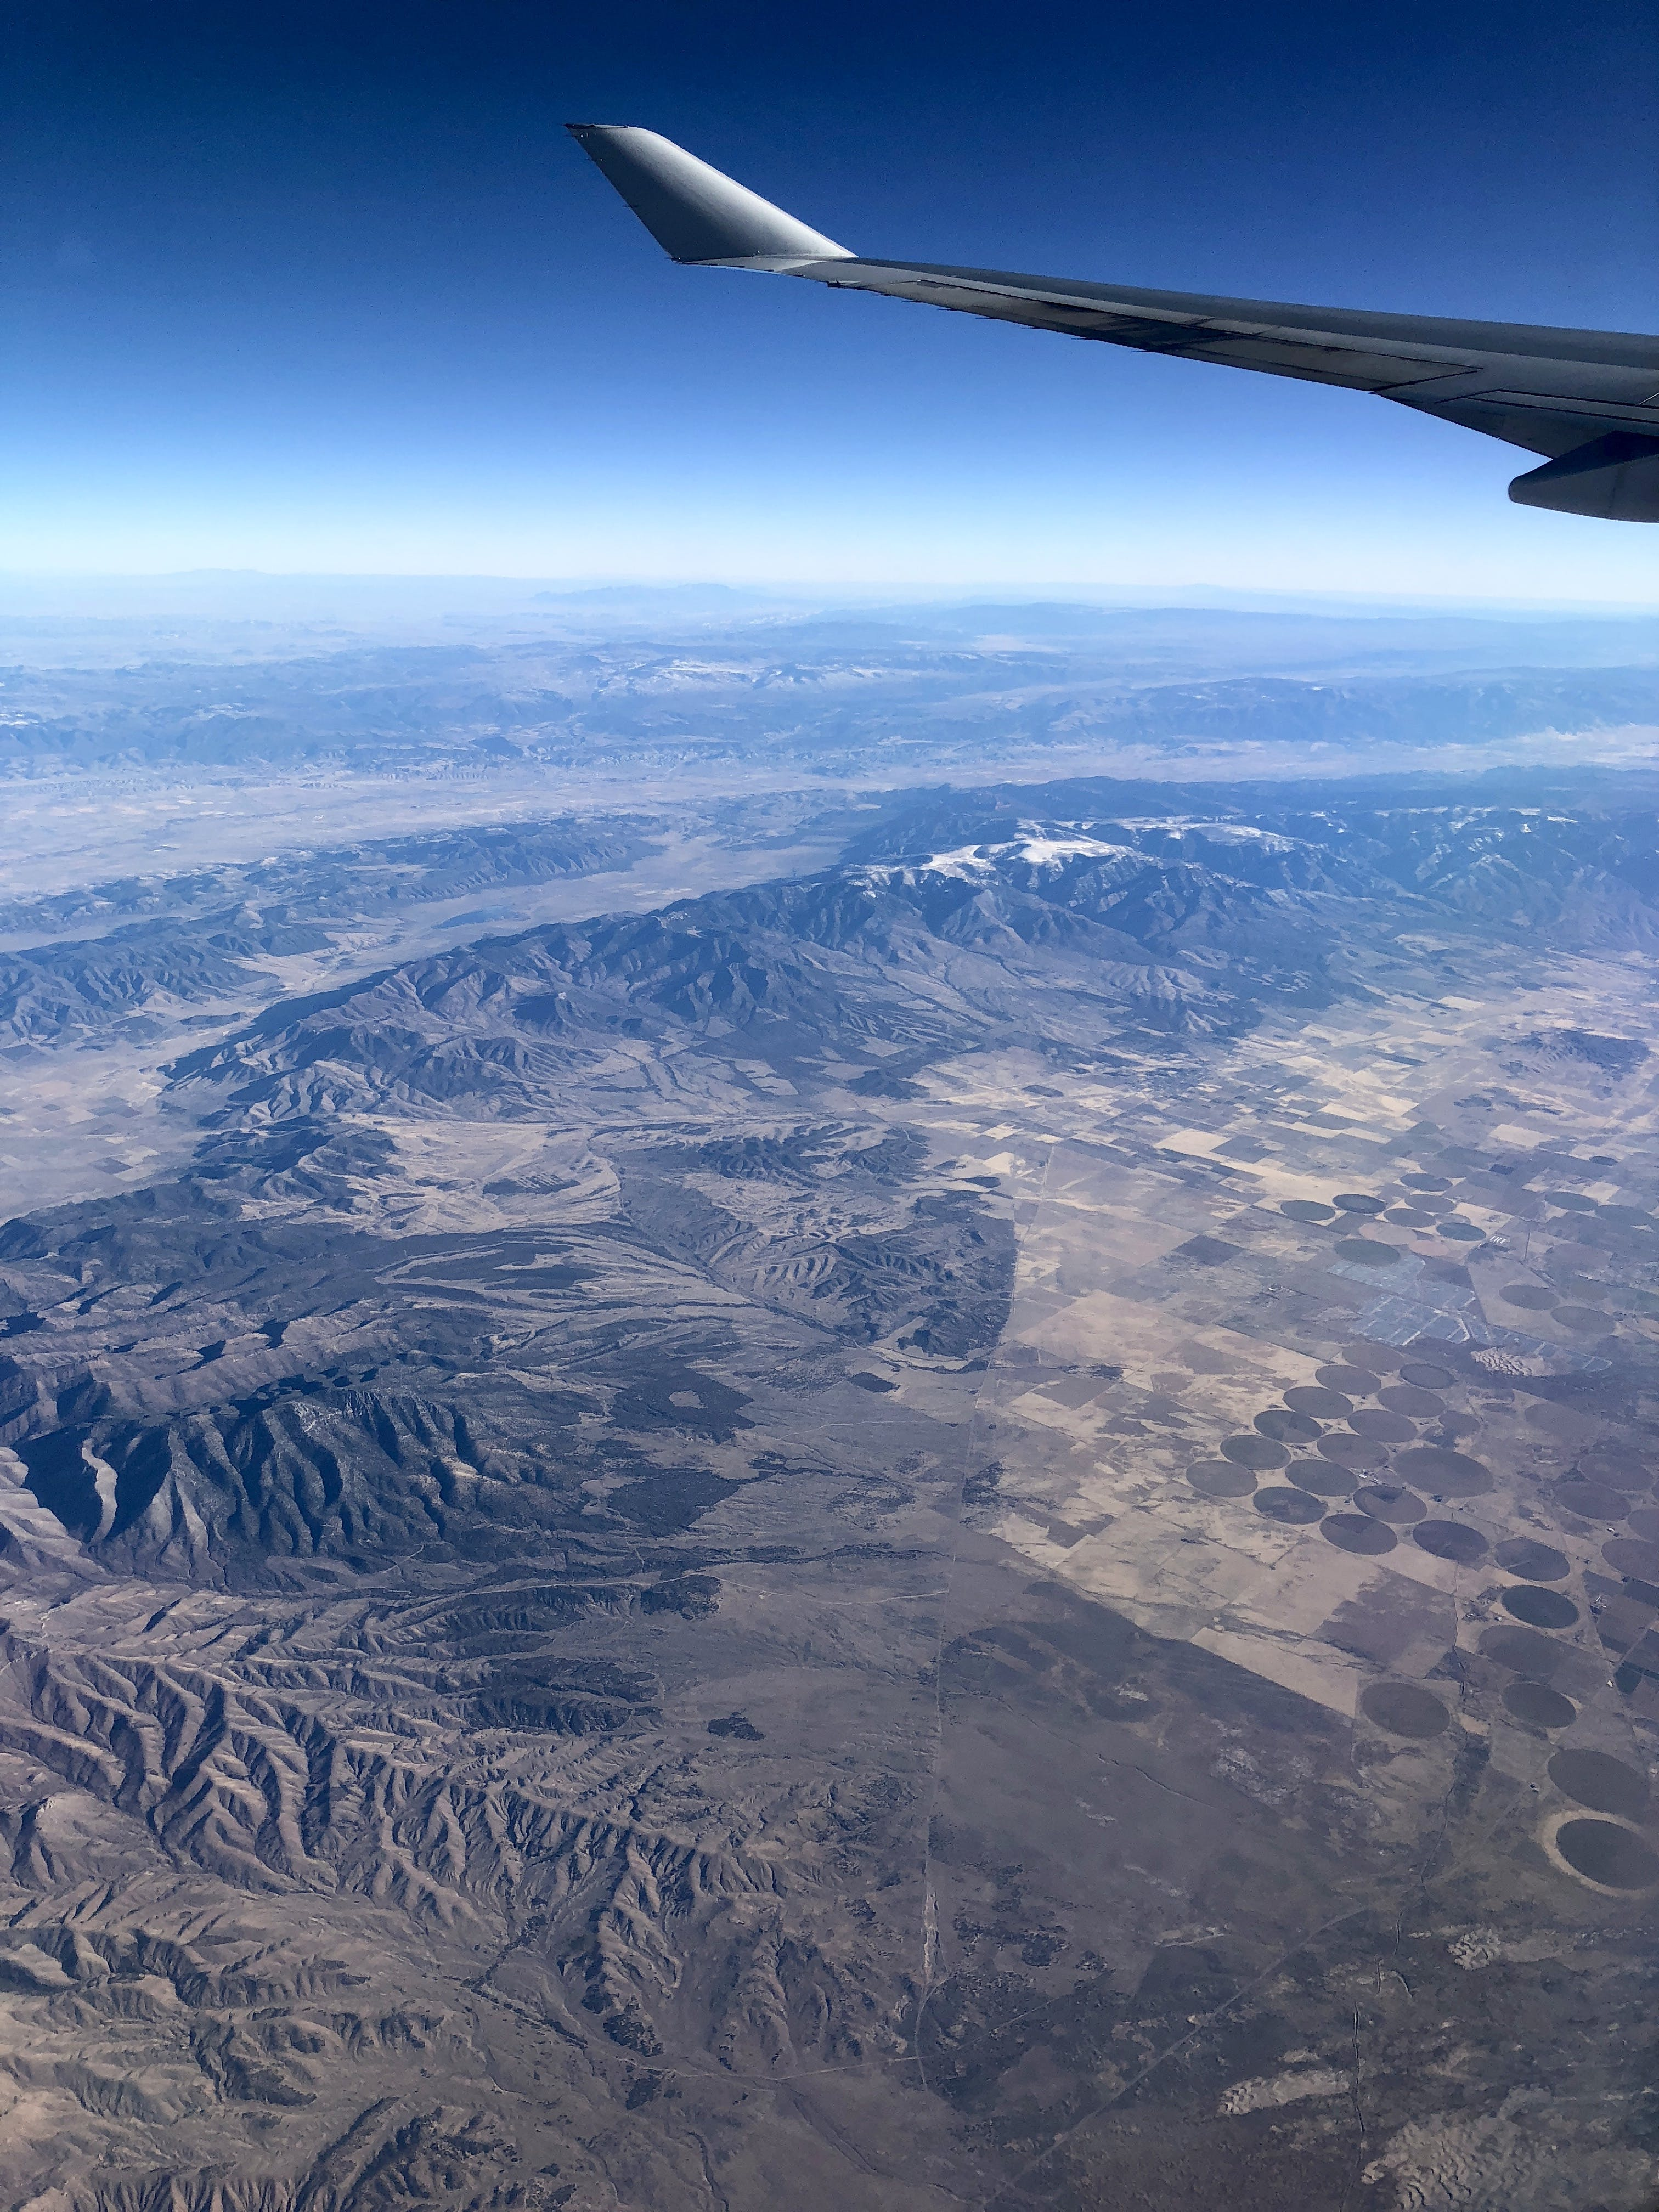 Fotos de stock gratuitas de ala de avión, ambiente, angulo alto, avión